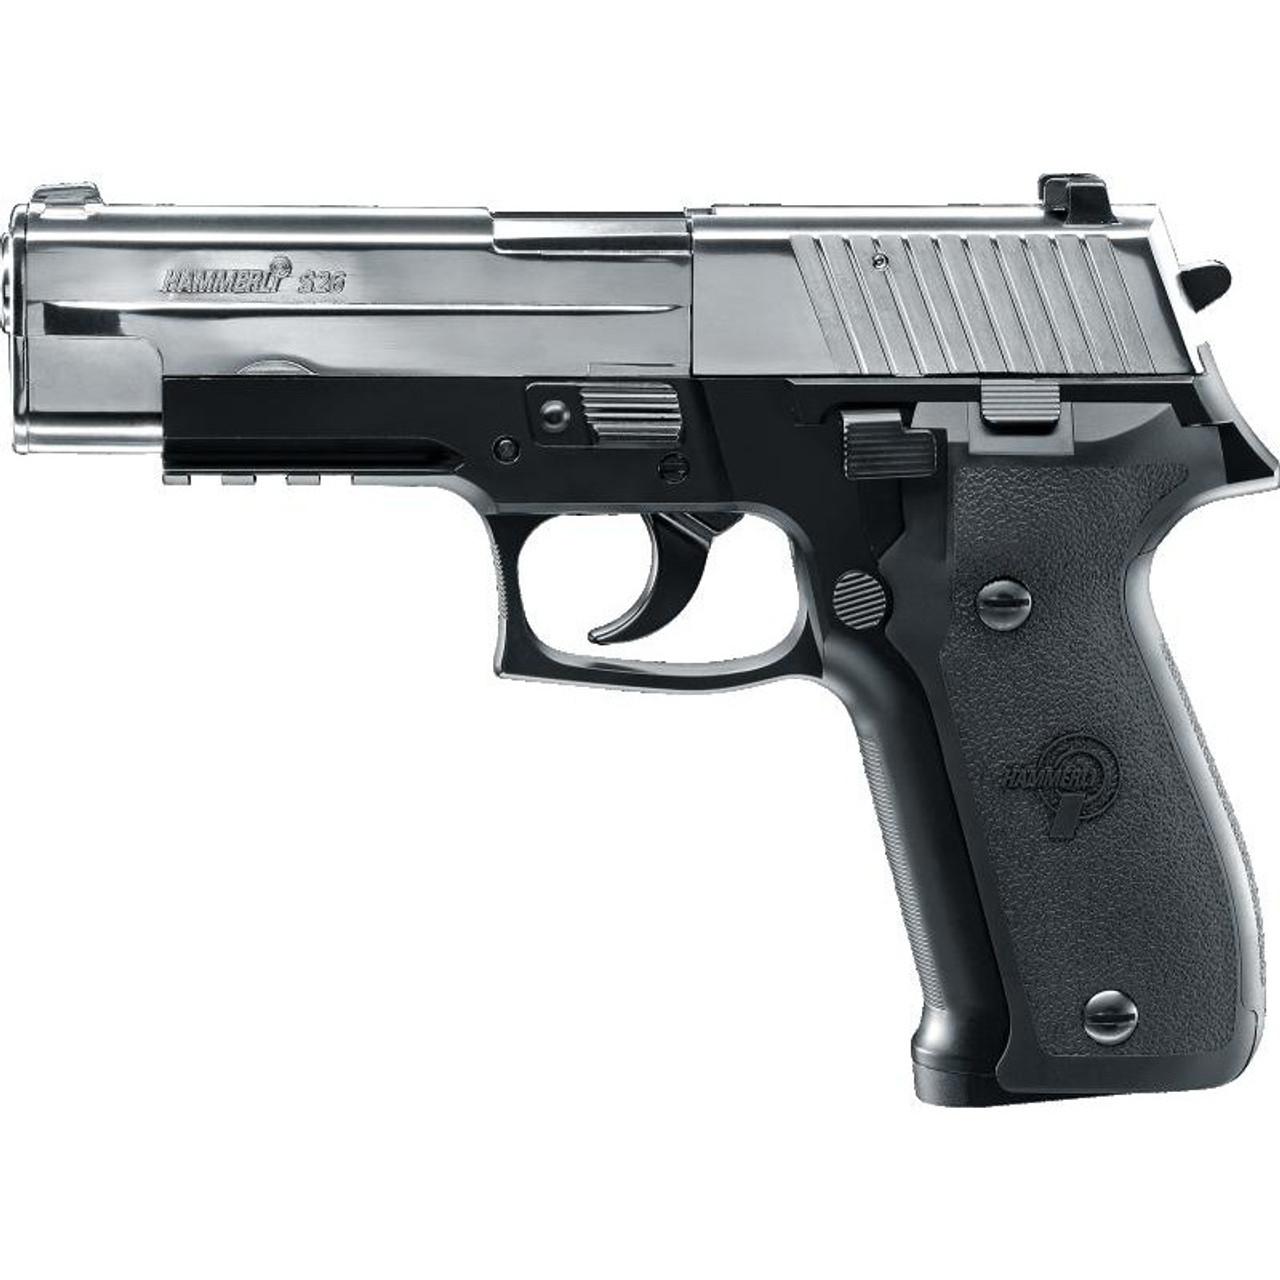 Hammerli S26 CO2 Pistol